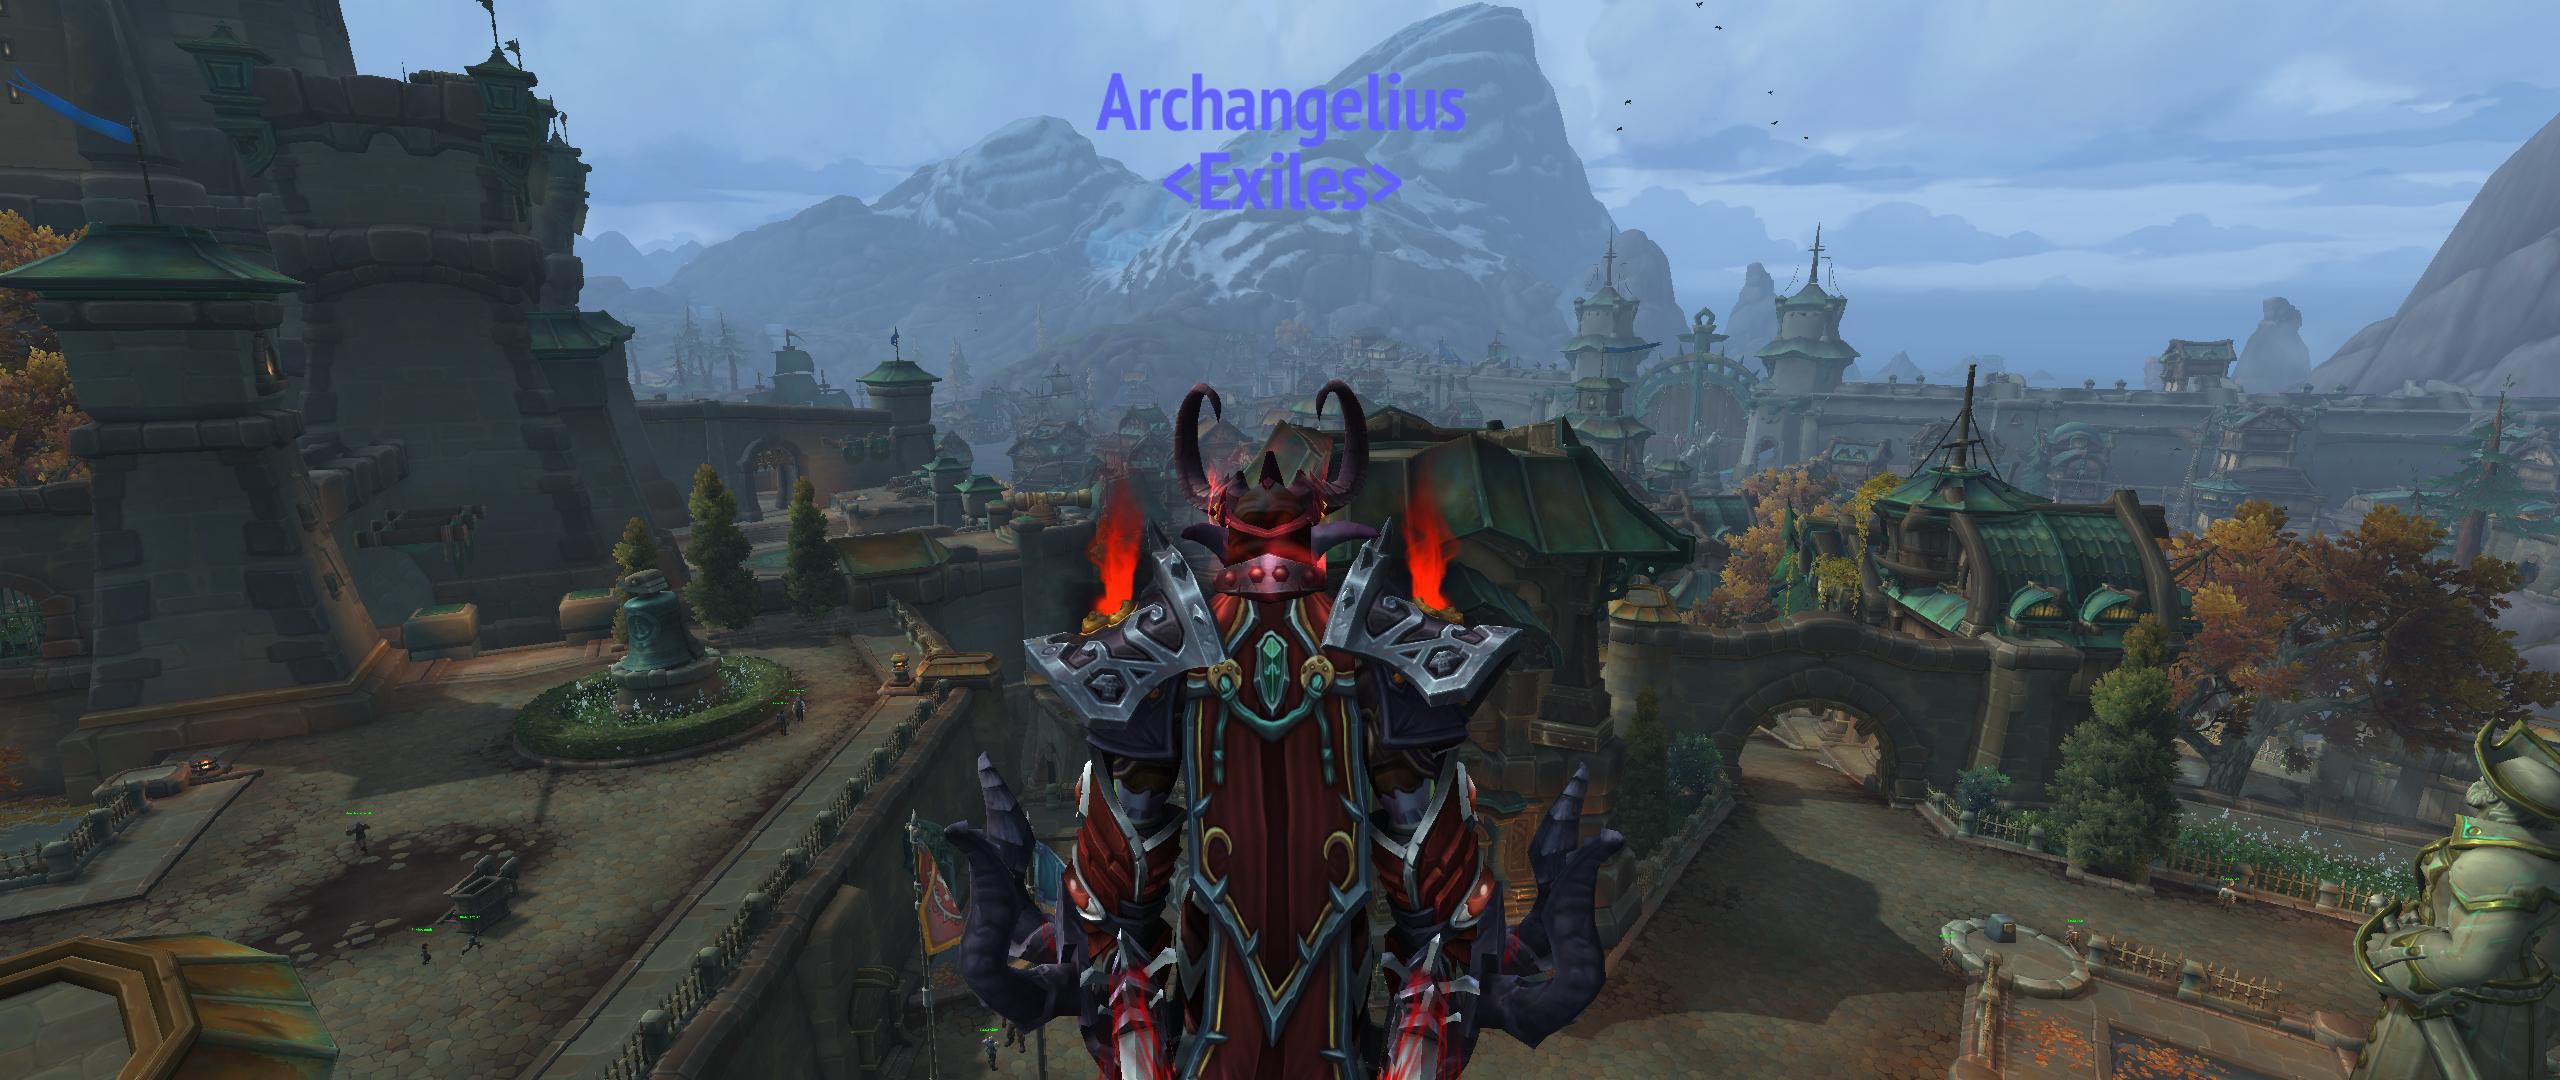 Archangelius